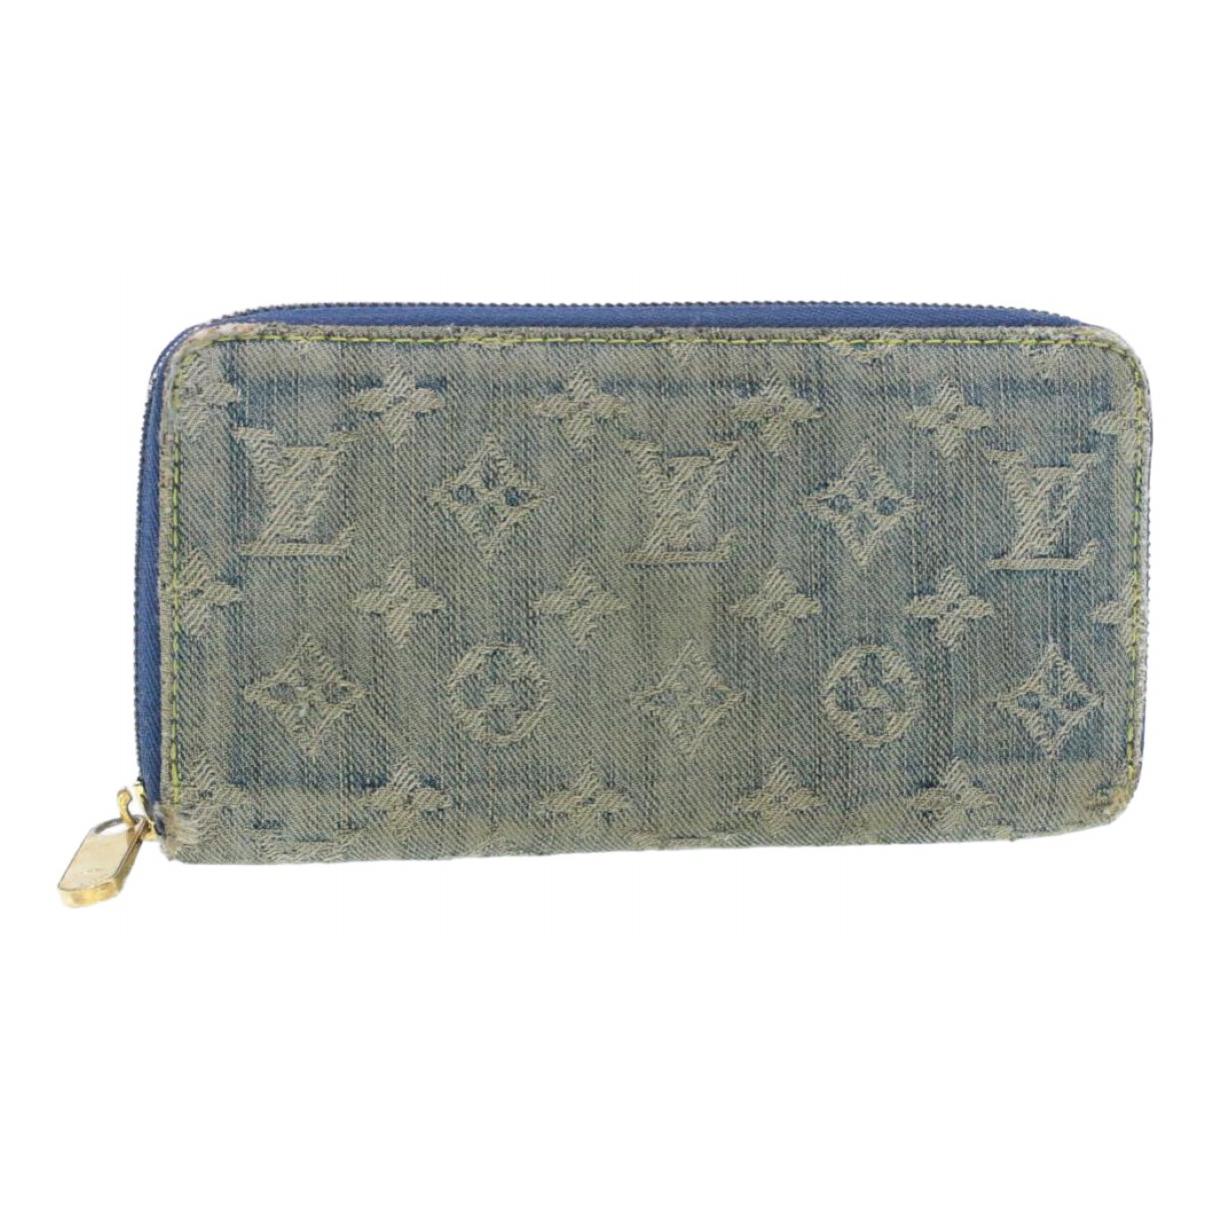 Louis Vuitton \N Blue scarf for Women \N